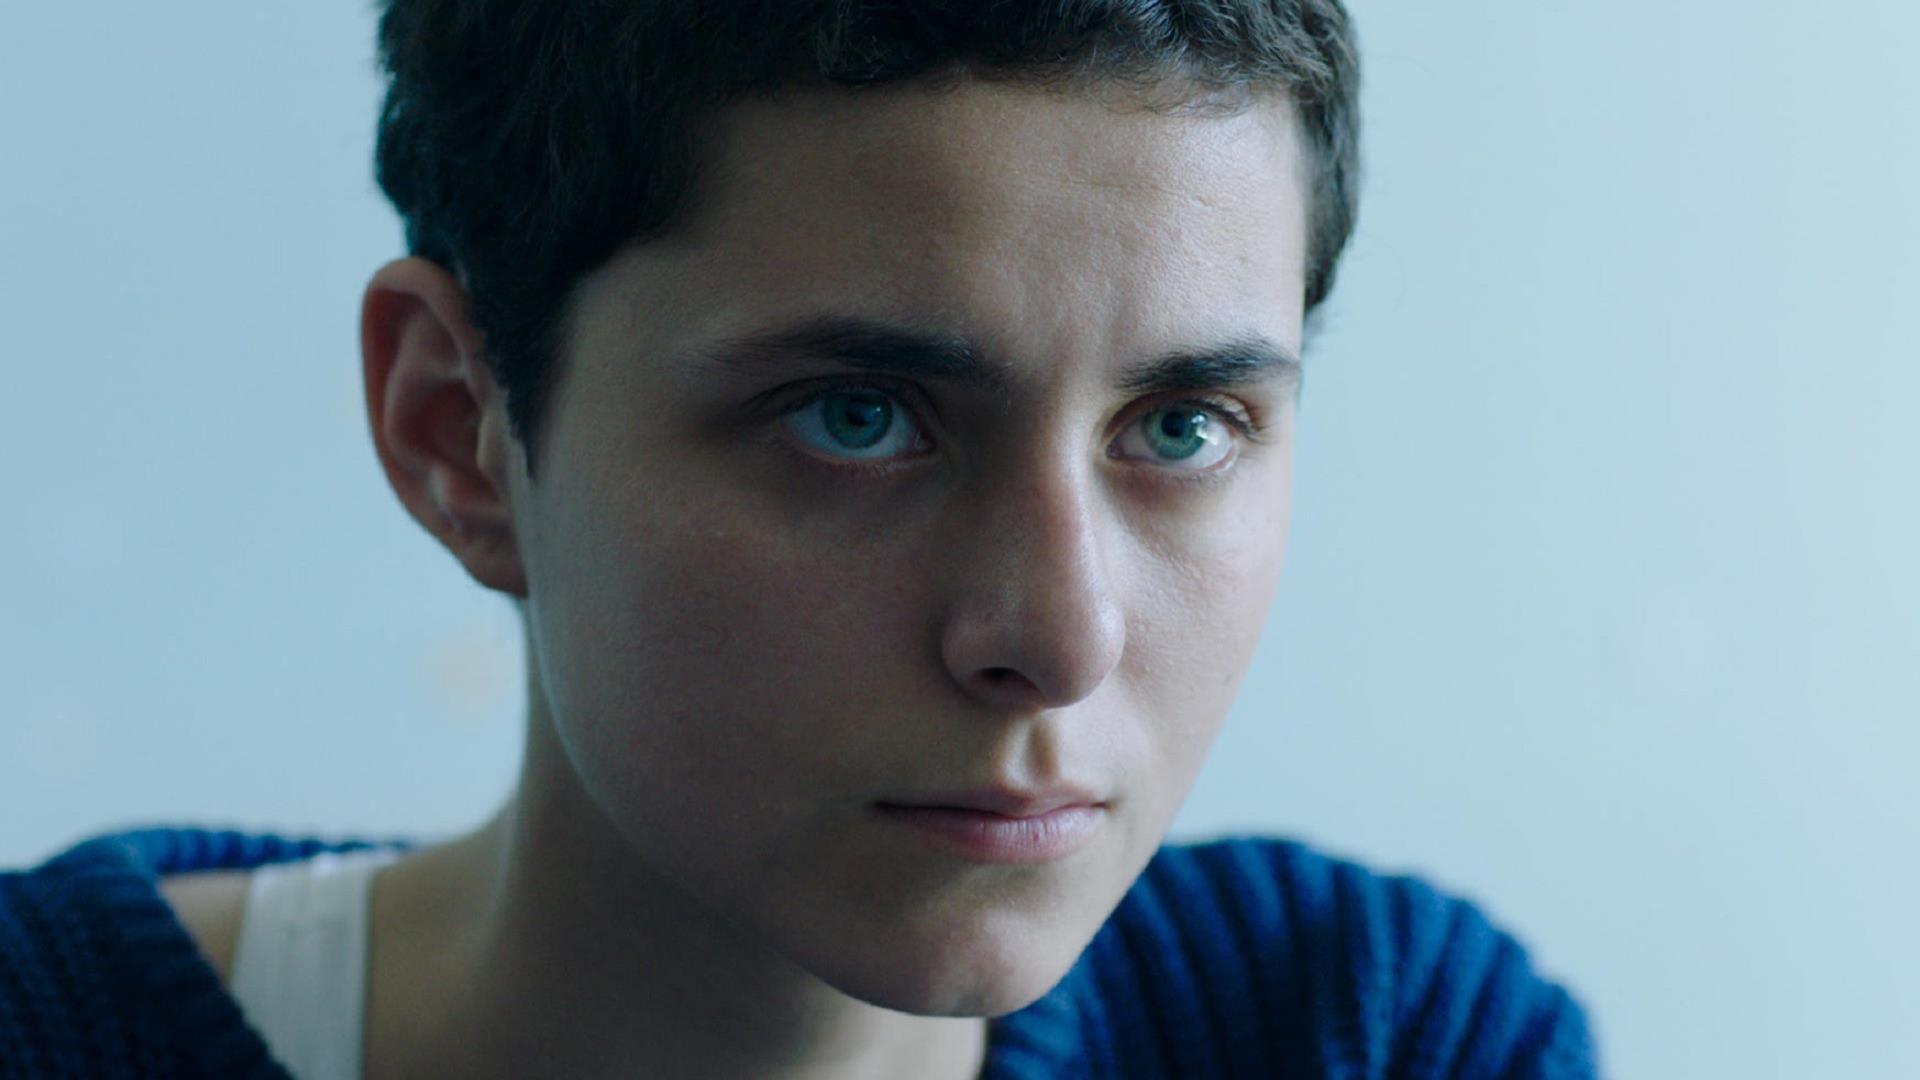 Antigone di Sophie Deraspe, ispirato a una storia vera: trama e cast del film